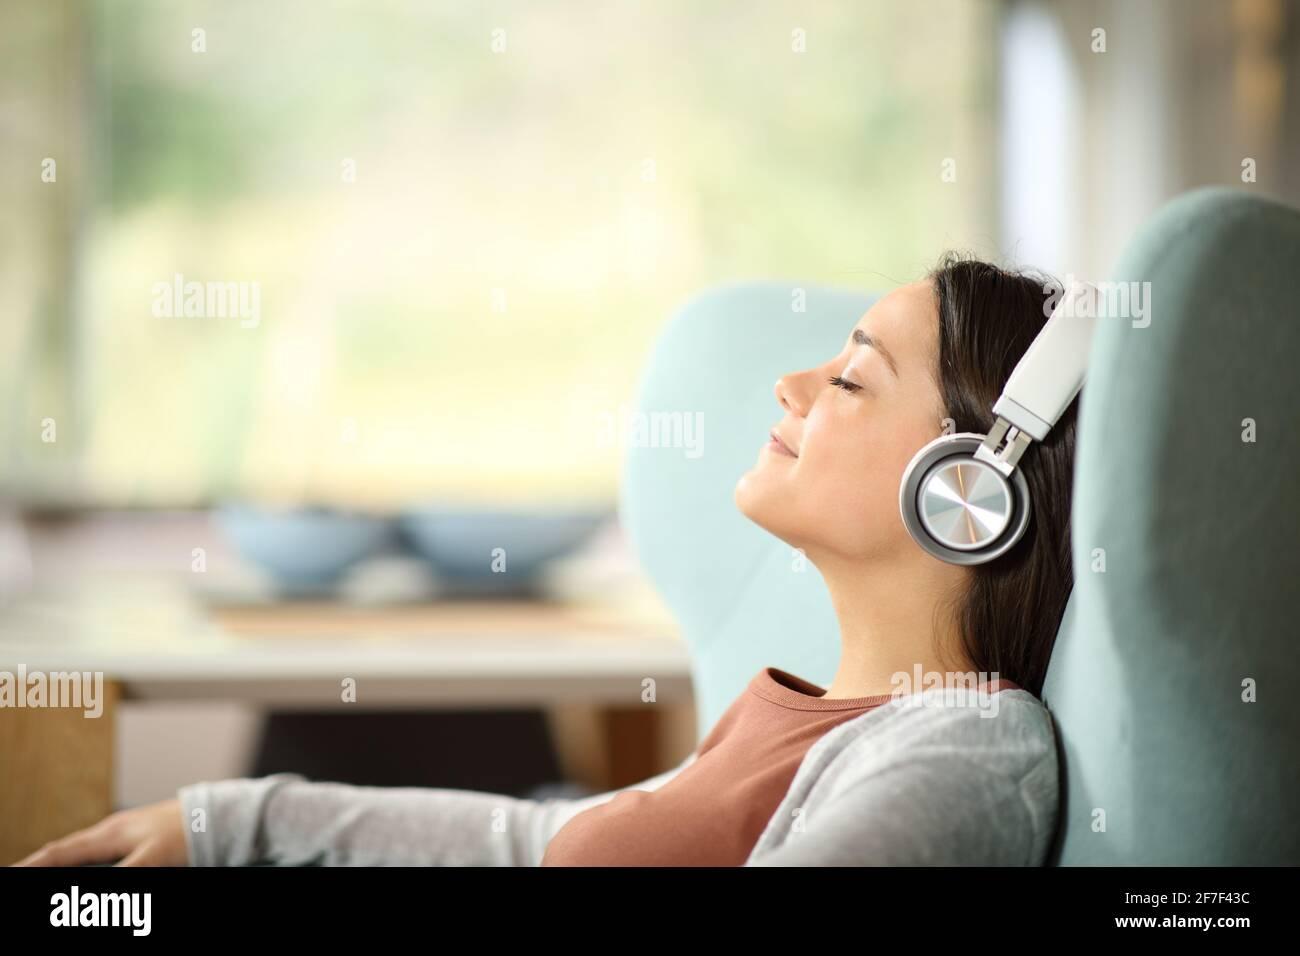 Portrait d'une femme décontractée portant un casque sans fil en vue latérale écouter de la musique sur une chaise à oreilles Banque D'Images